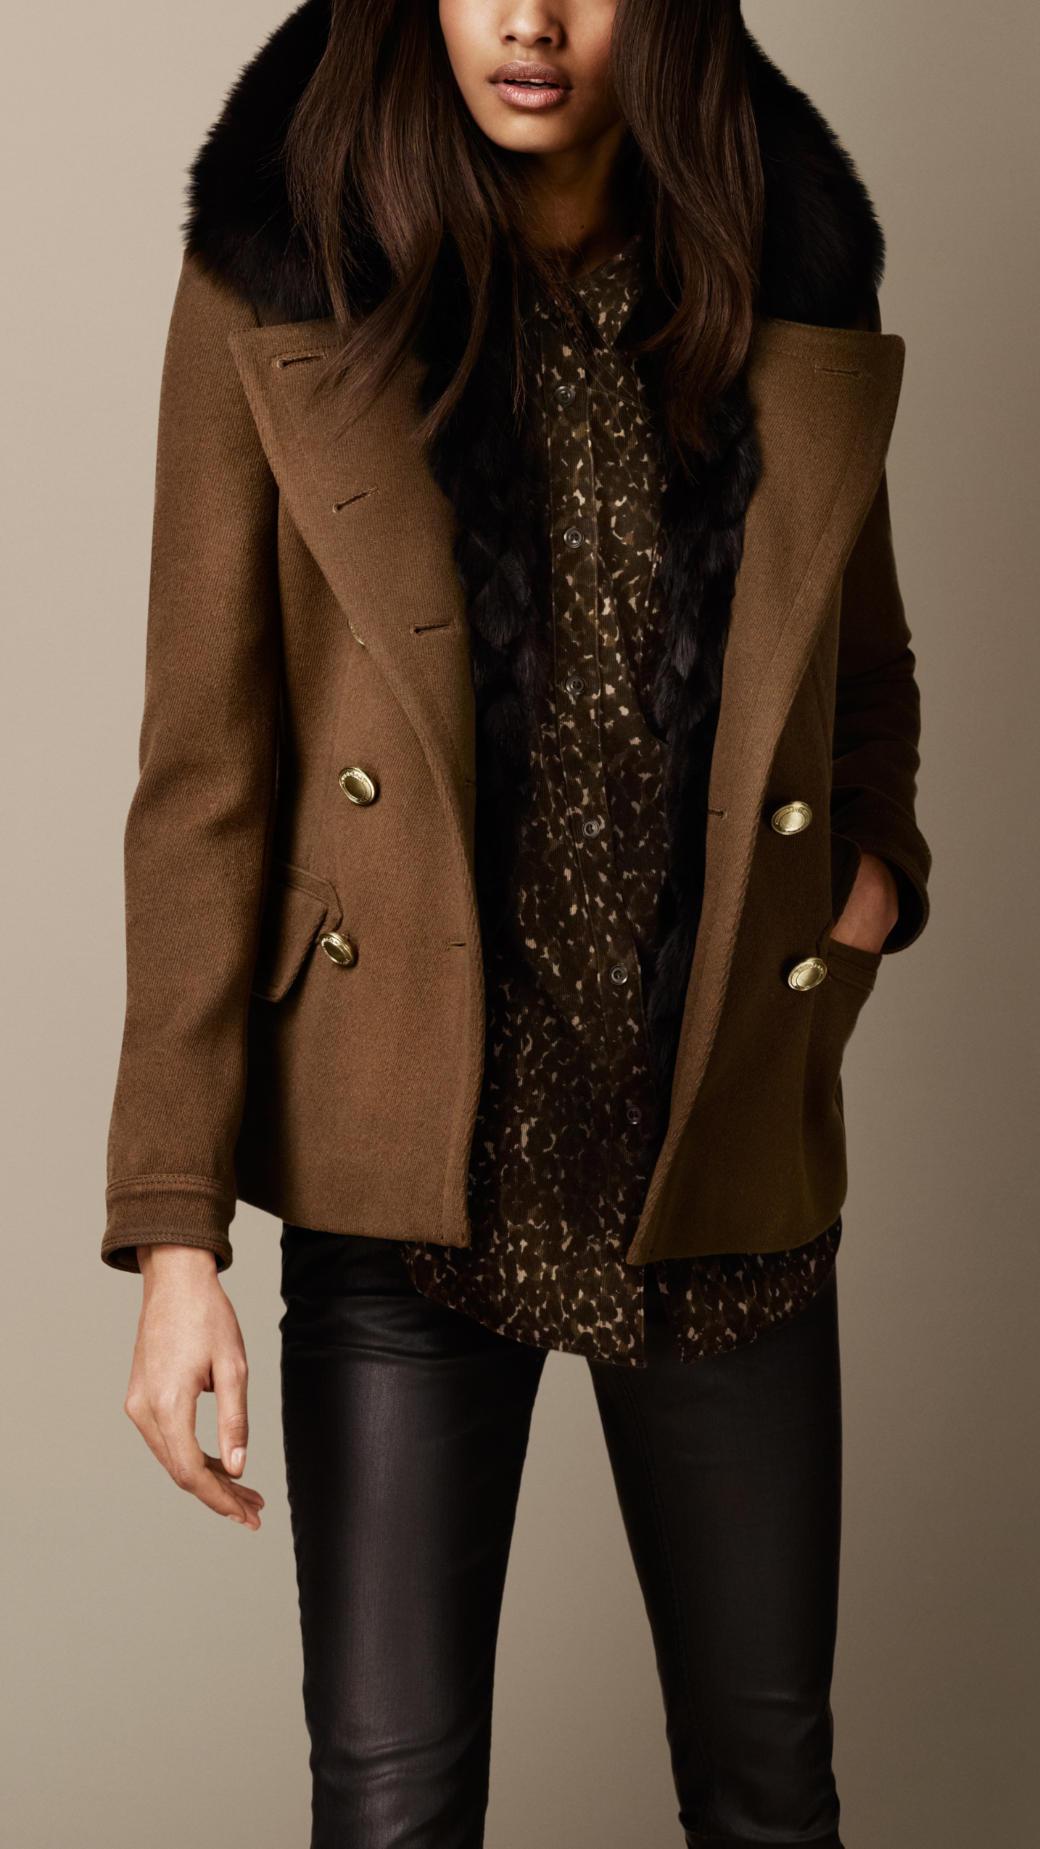 Burberry Fur Trim Pea Coat in Brown | Lyst